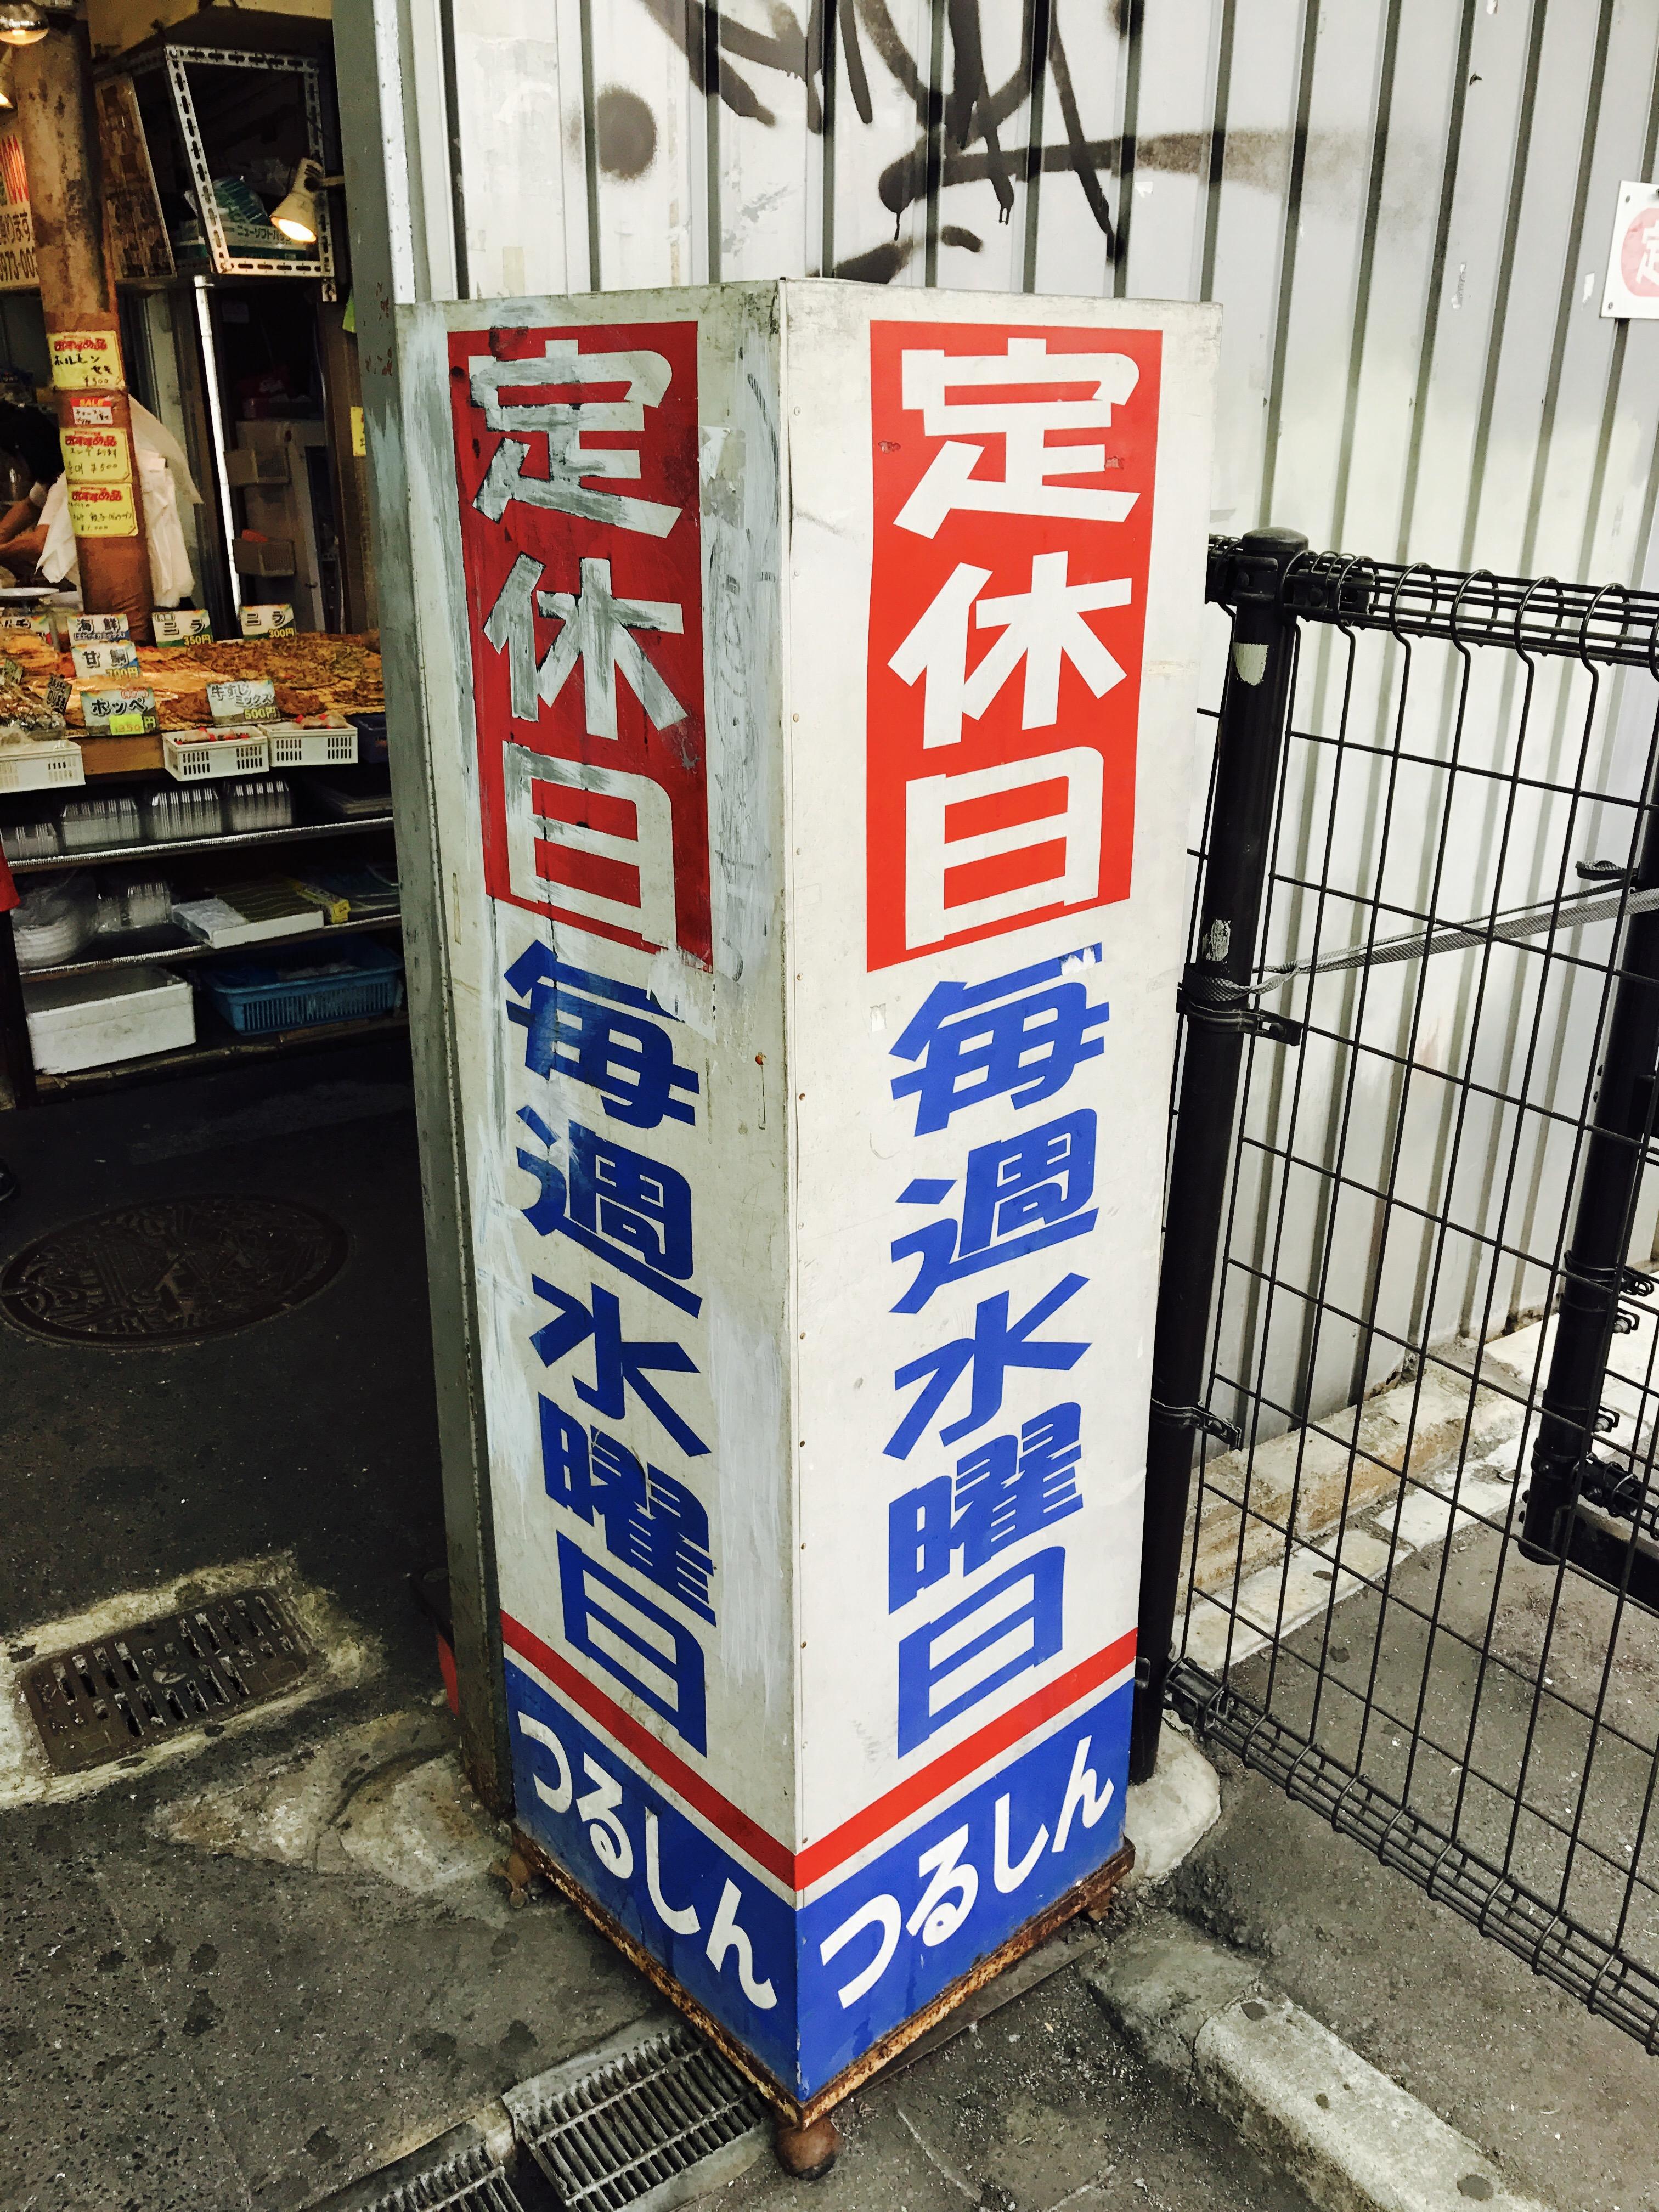 大阪 鶴橋コリアンタウンの定休日